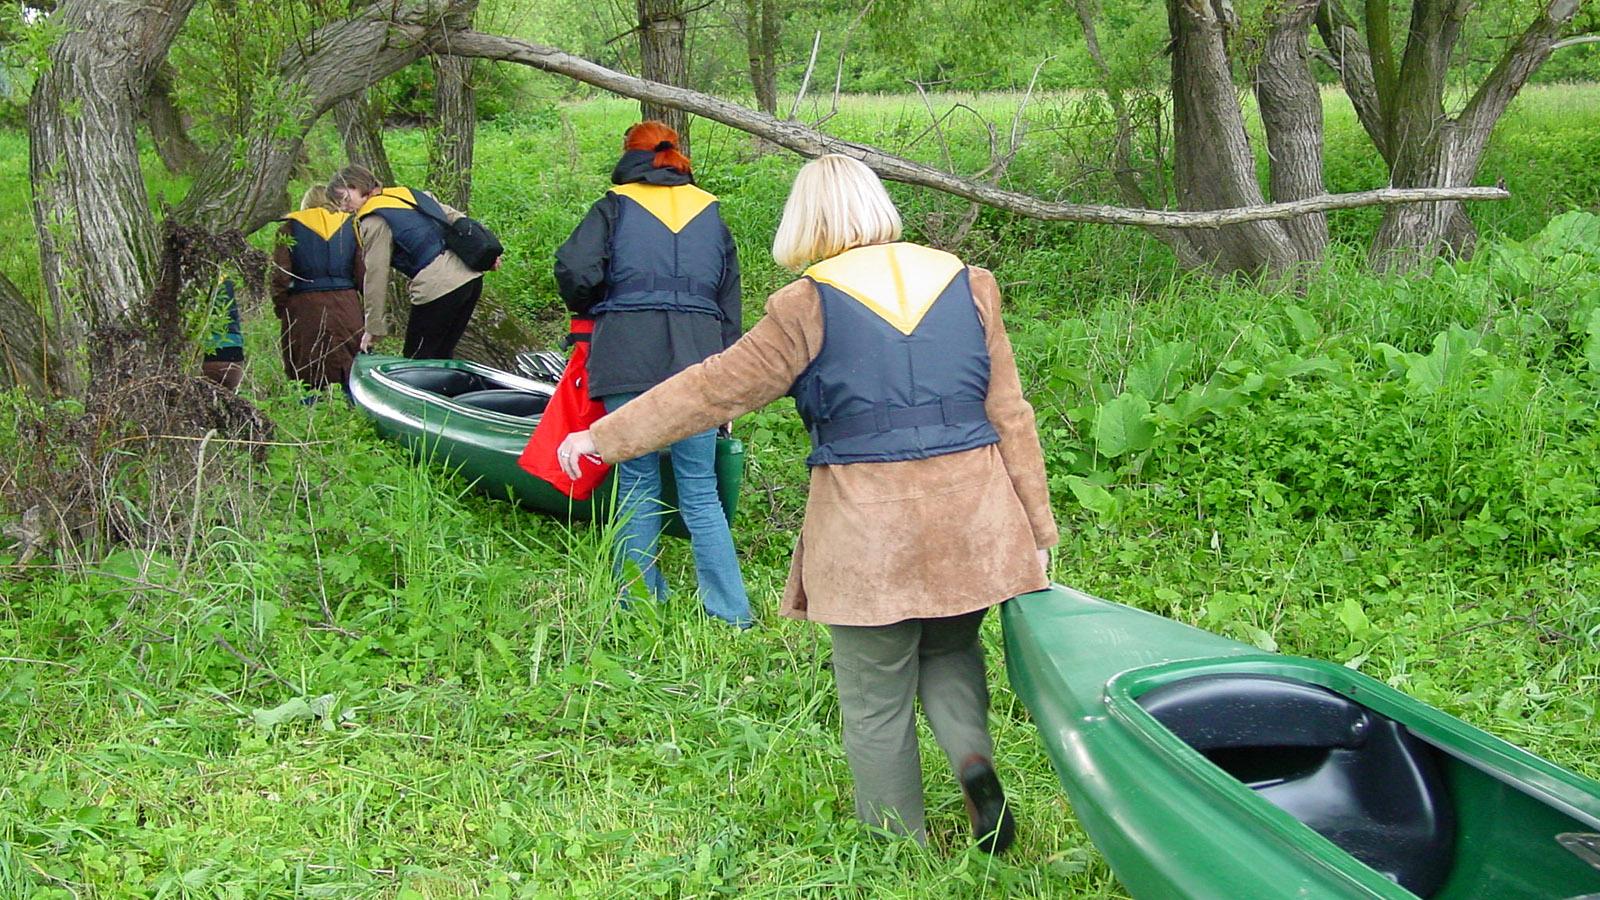 Einsetzen der Kajaks in eine Bucht der Elbe. Foto: Hilke Maunder